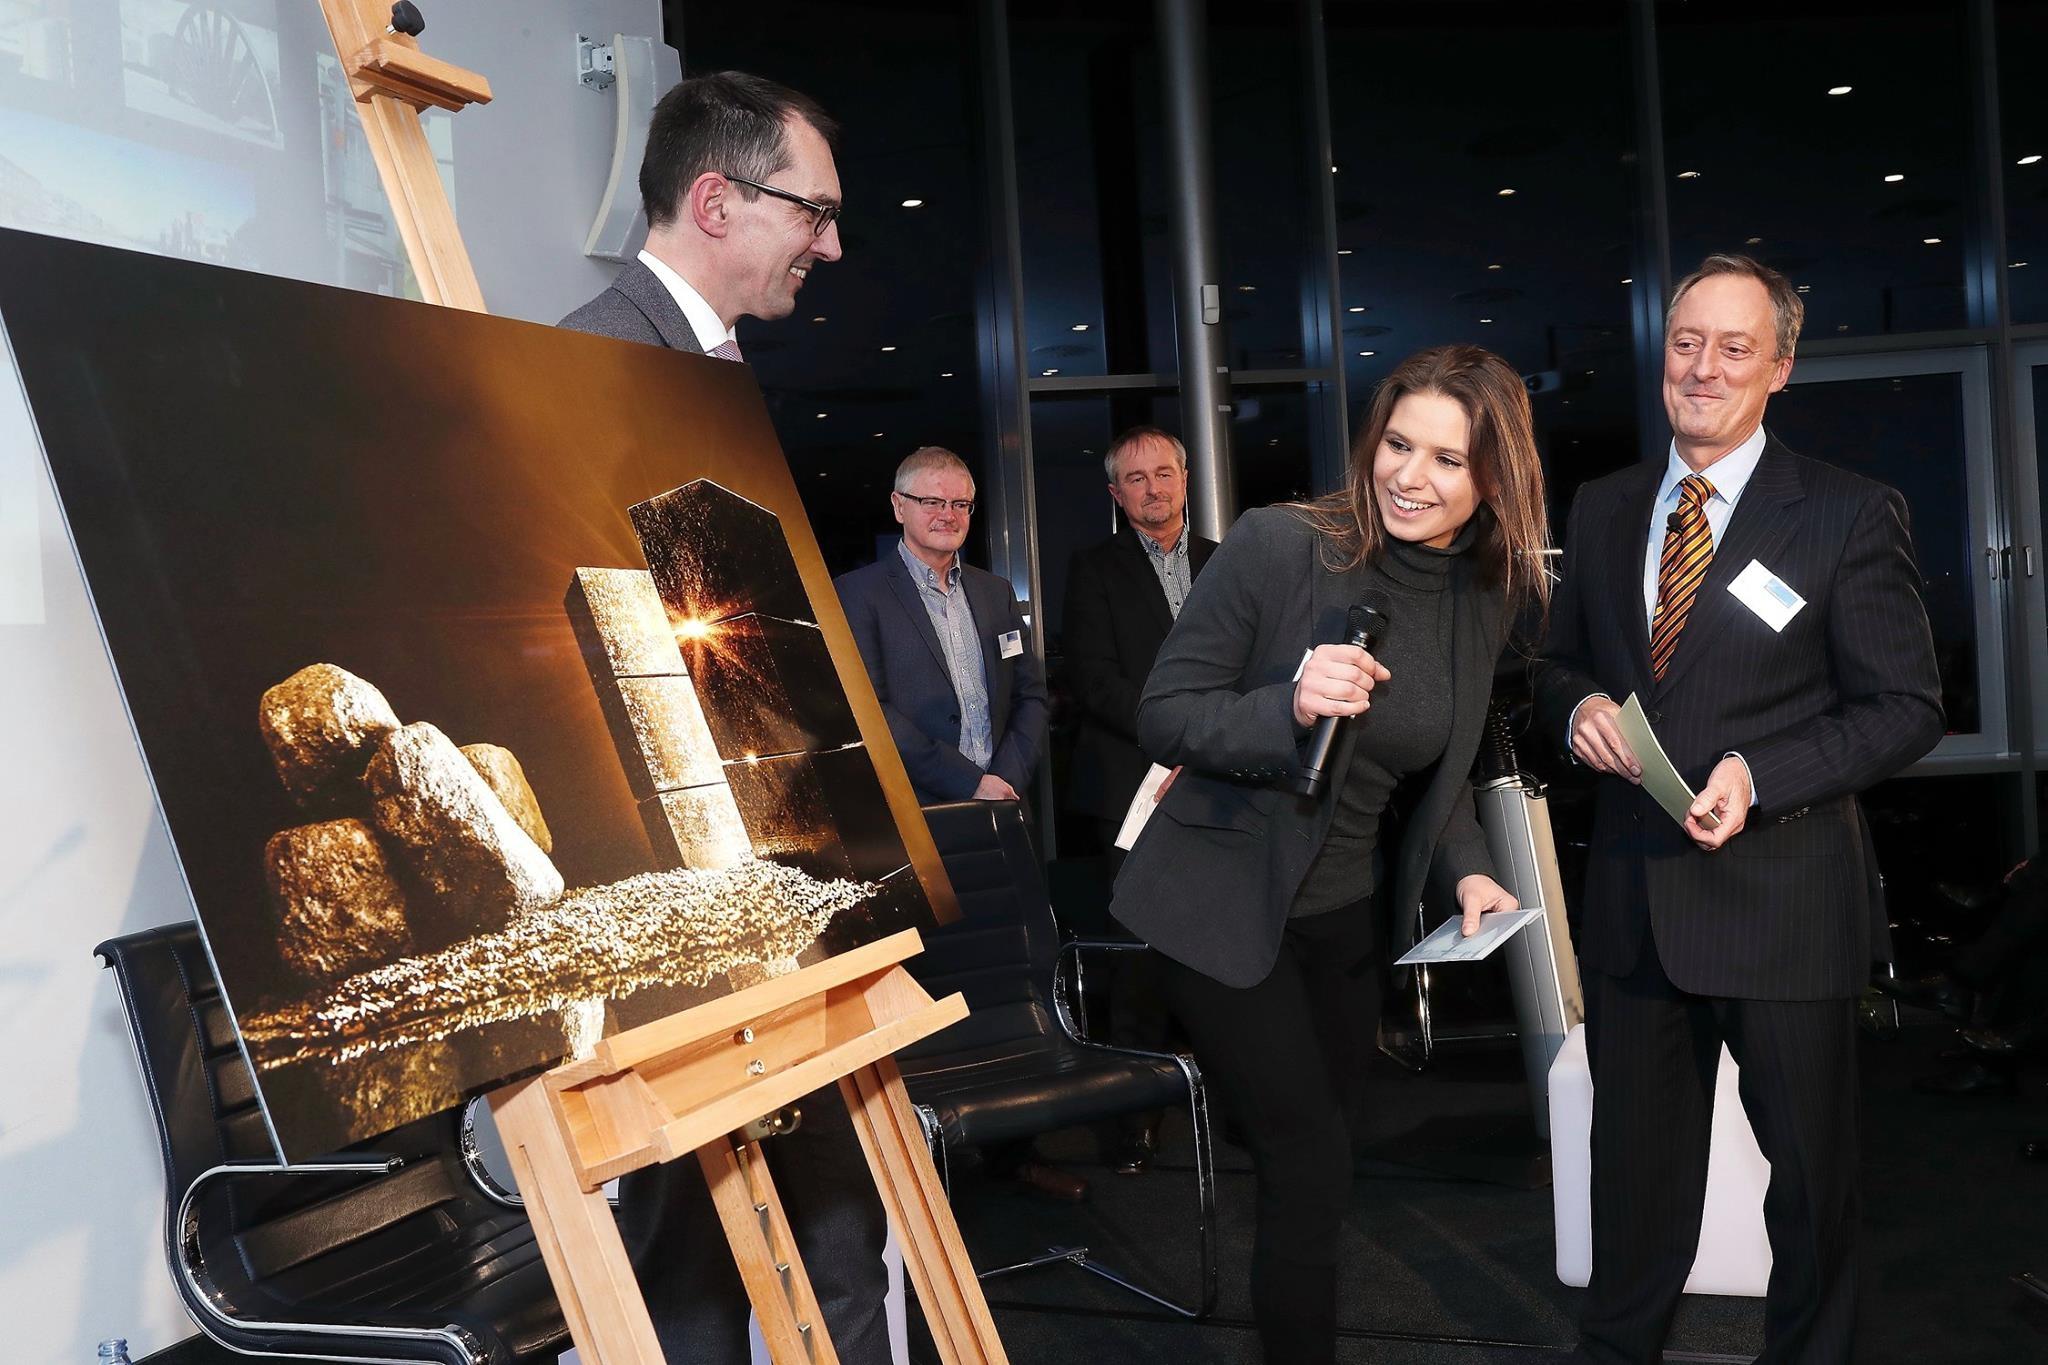 Wim Abbing, der Vorstandsvorsitzende der Unternehmerverbandsgruppe, übernahm die Preisverleihung an Jennifer Wolf. Rechts: ZDF-Fernsehmoderator Michael Krons.